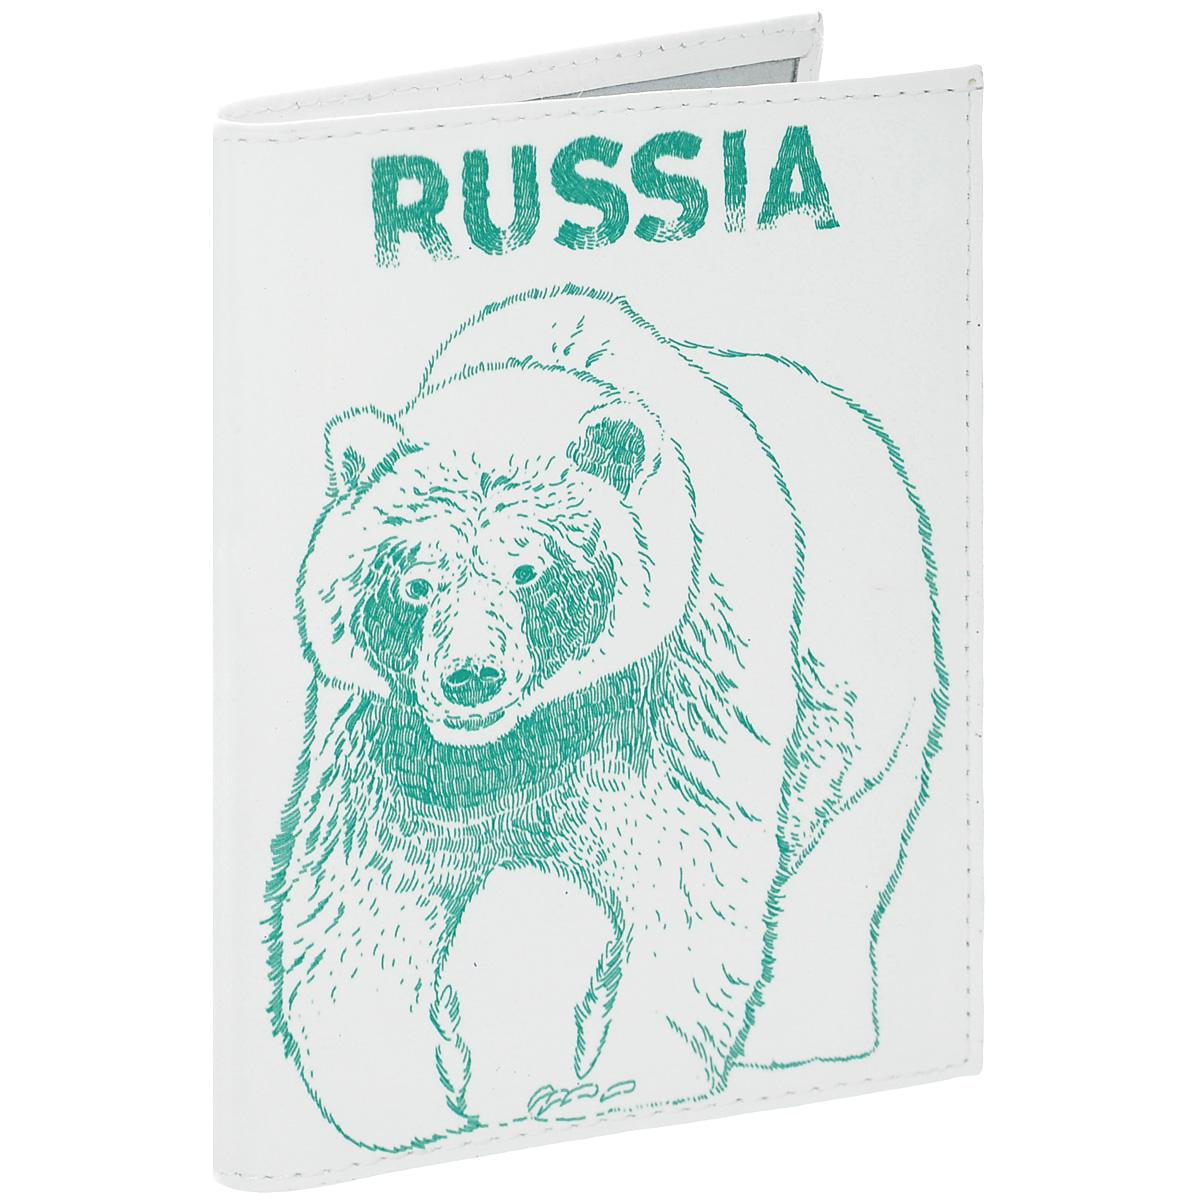 Обложка для автодокументов Медведь. AUTO301Натуральная кожаОбложка для автодокументов Mitya Veselkov Медведь изготовлена из натуральной высококачественной кожи и оформлена изображением медведя и надписью Russia. На внутреннем развороте имеются съемный блок из шести прозрачных файлов из мягкого пластика для водительских документов, а также два боковых кармашка для визиток или банковских карт.Стильная обложка не только поможет сохранить внешний вид ваших документов и защитить их от грязи и пыли, но и станет аксессуаром, который подчеркнет вашу яркую индивидуальность.